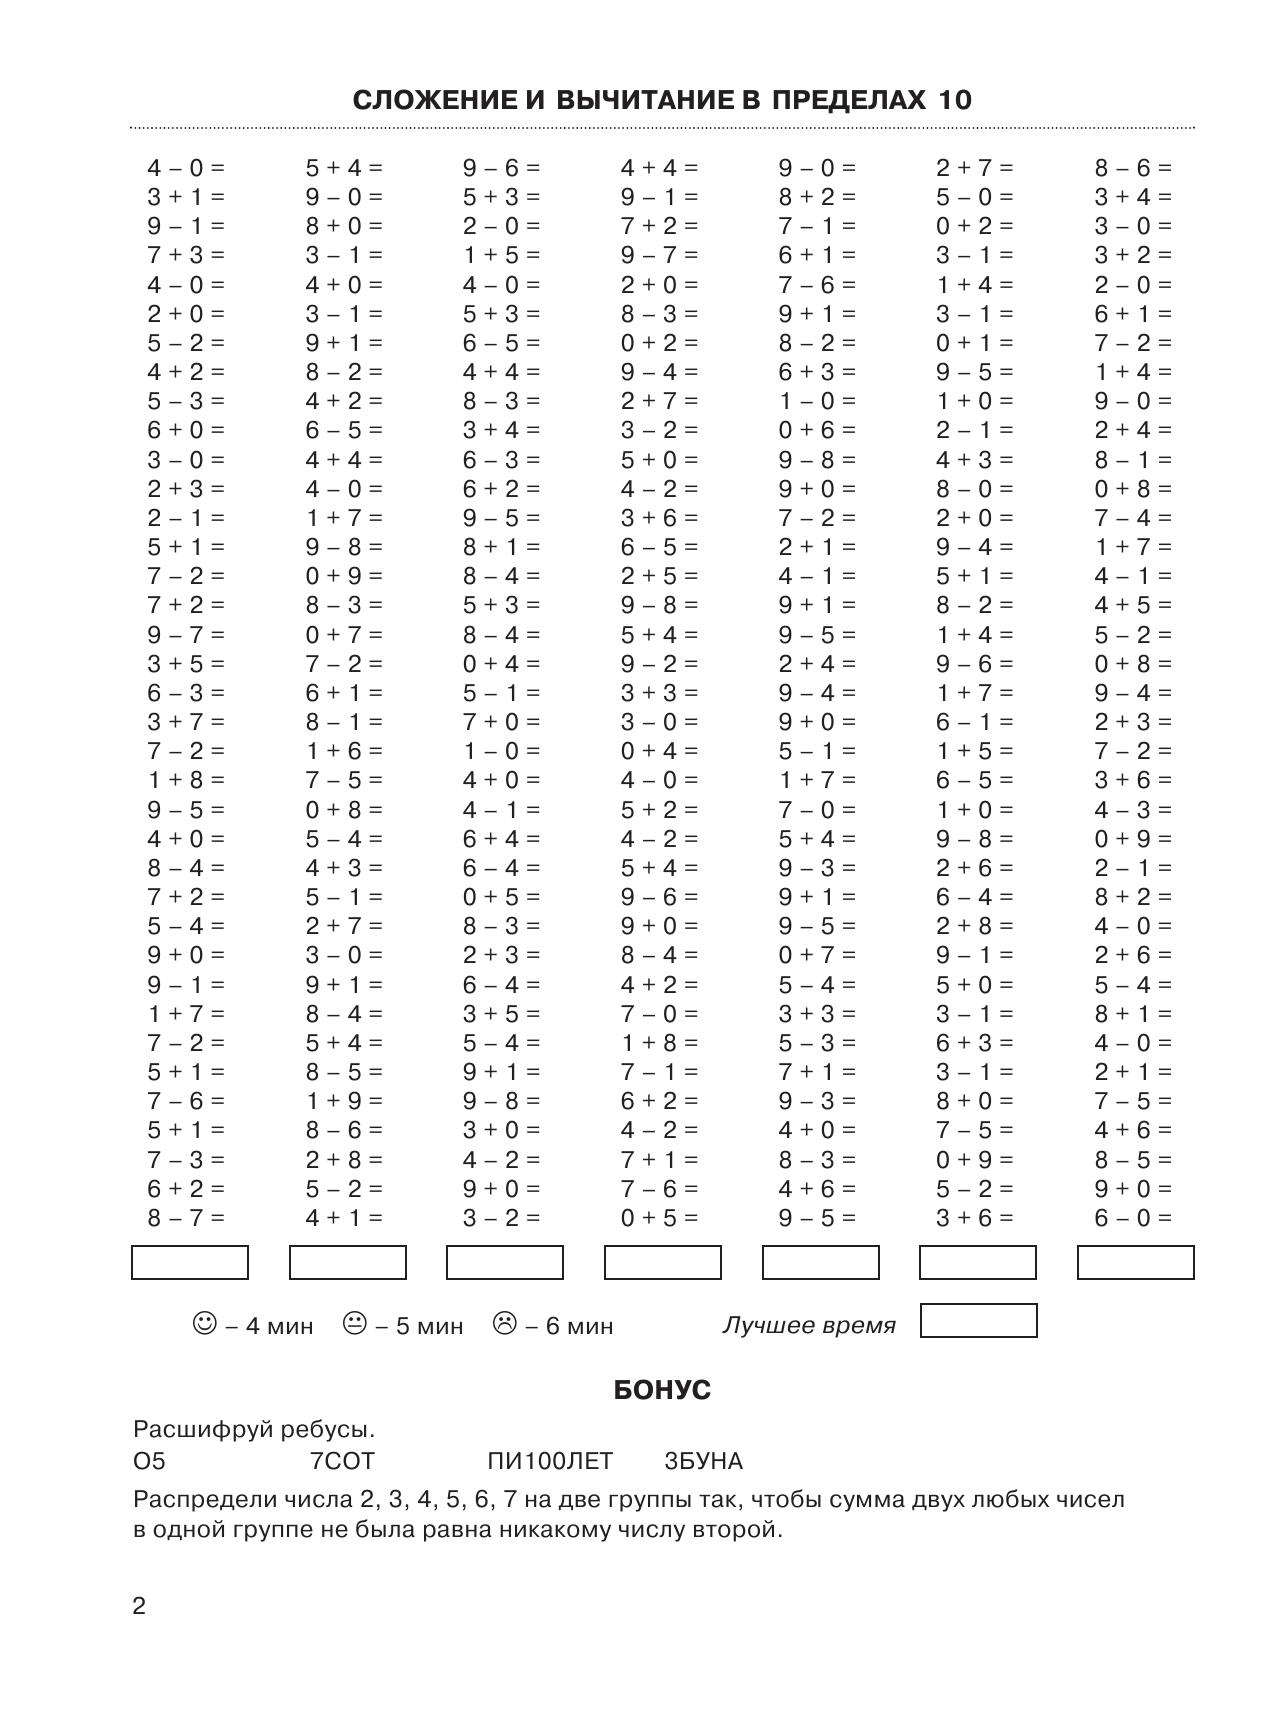 Гдз по матиматике класса 1991 года выпуска